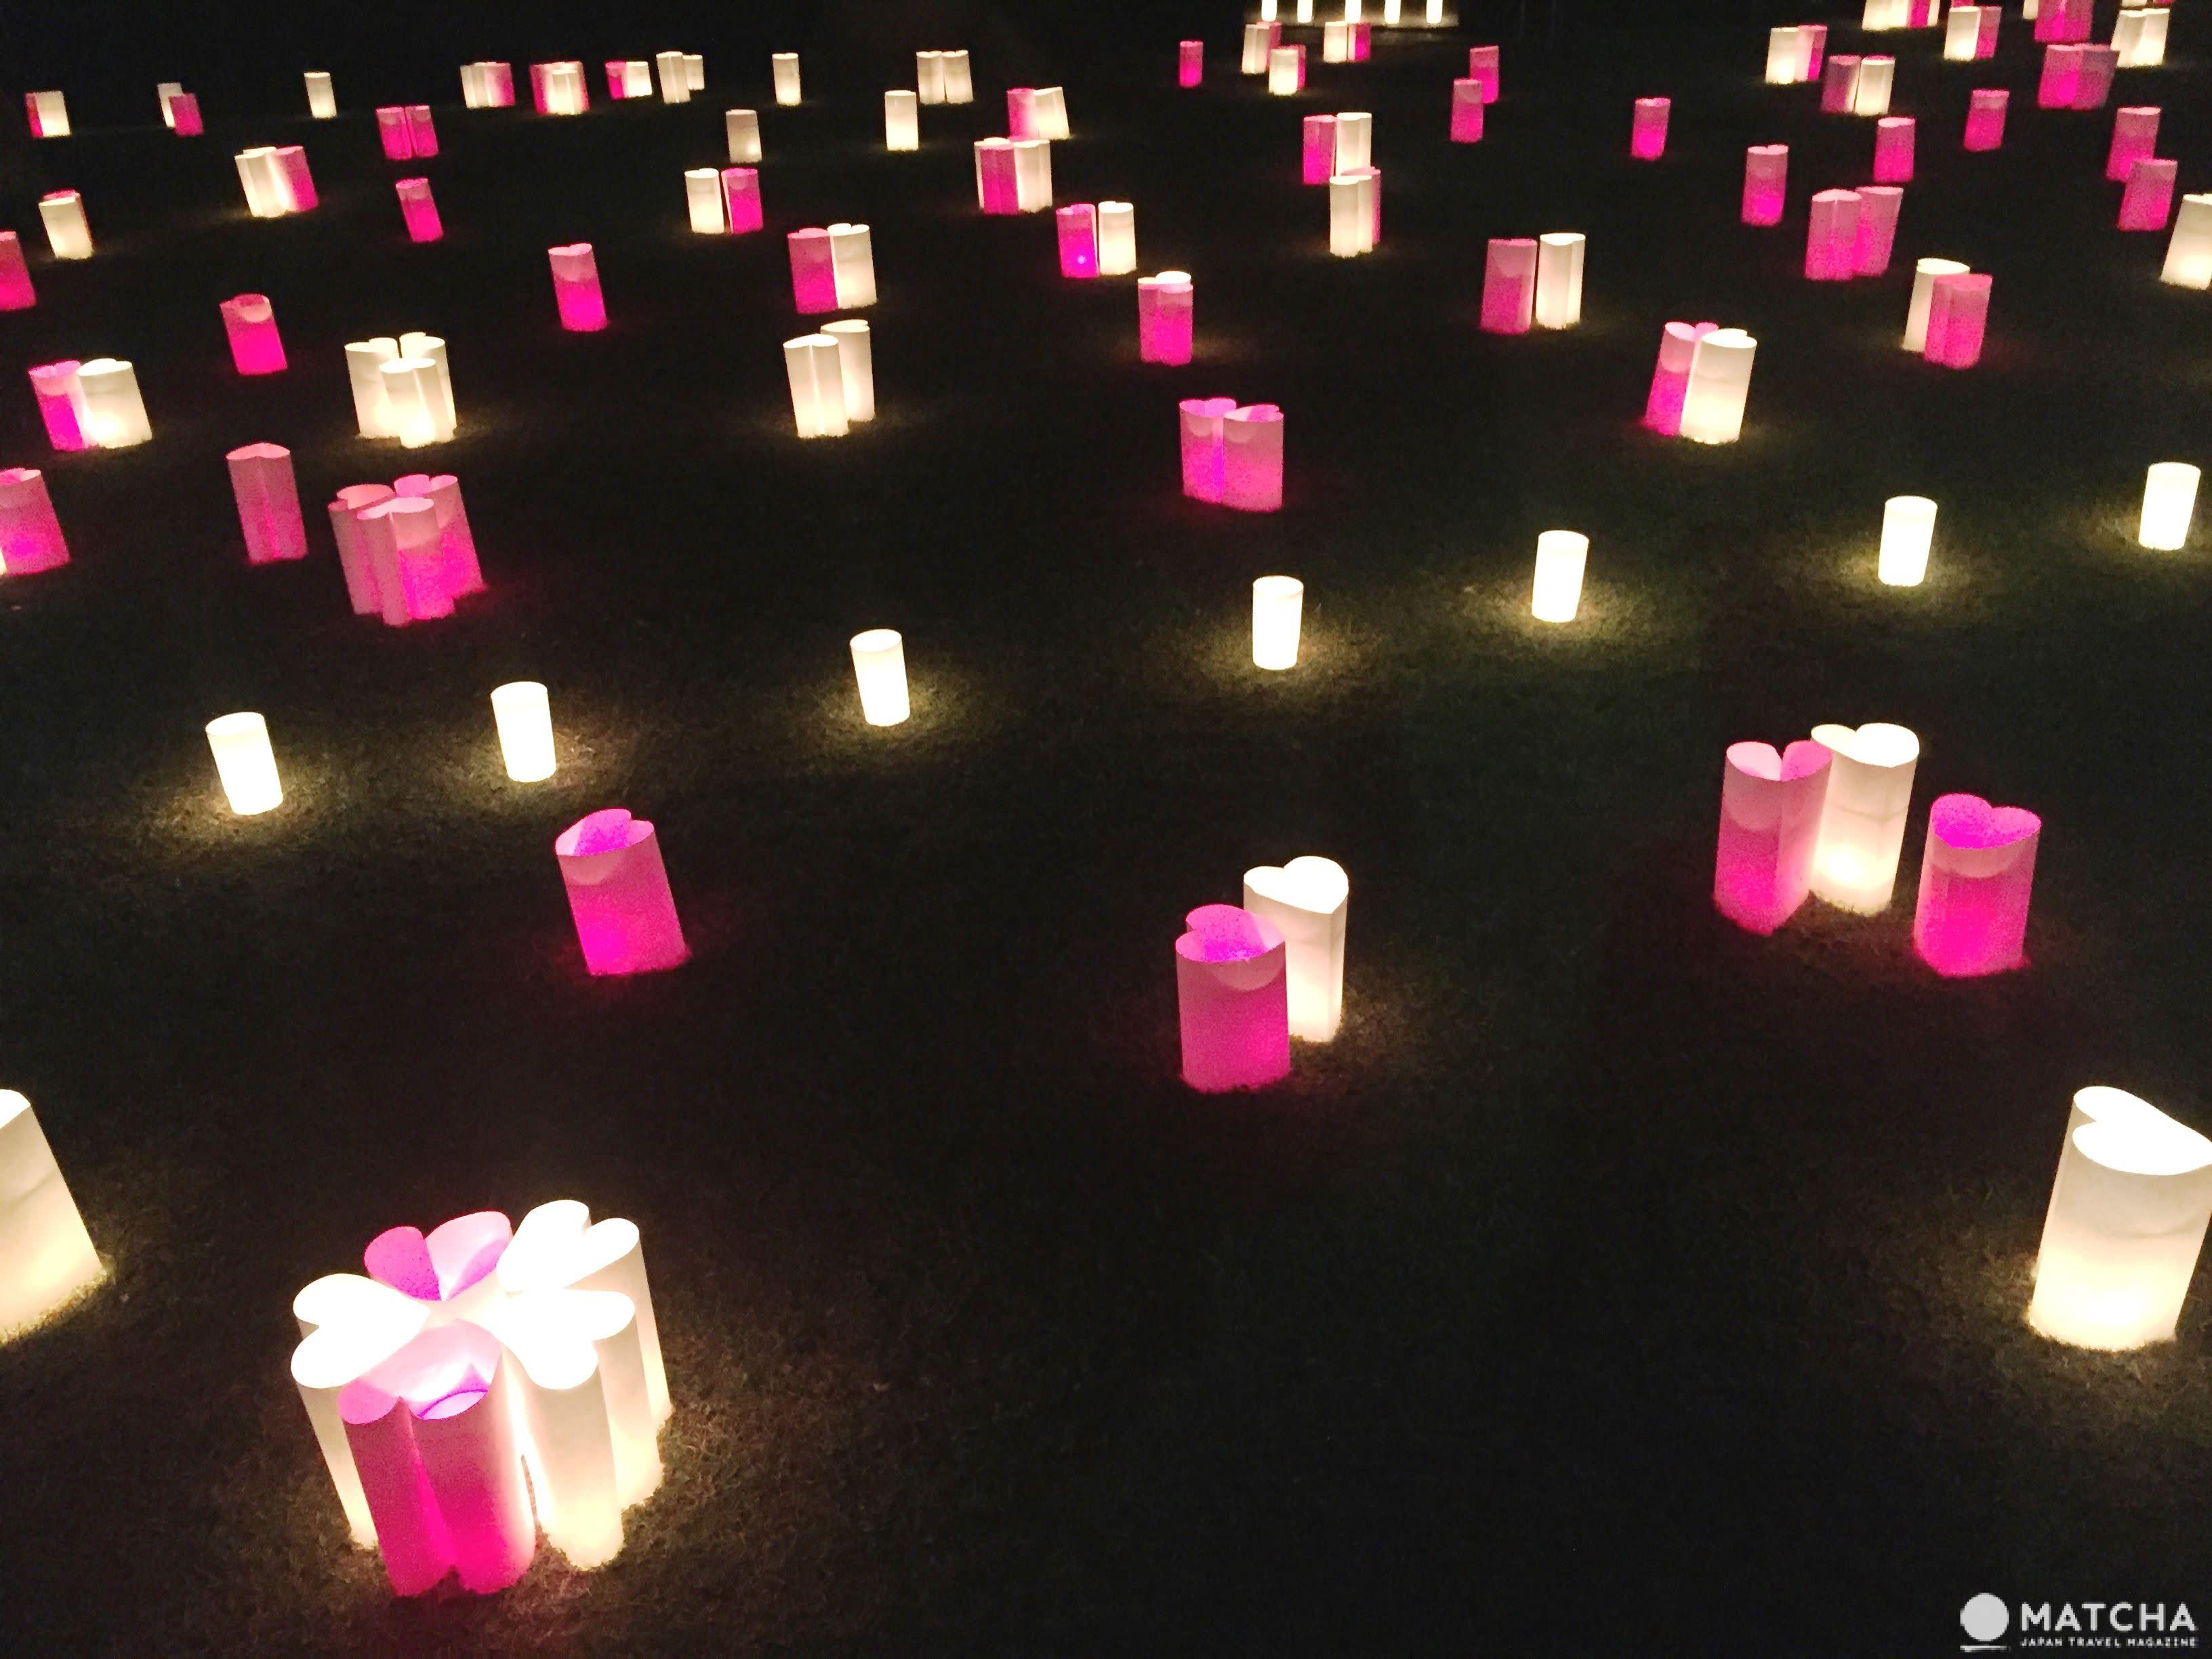 2萬盞燈花奈良綻放 點亮古城美景